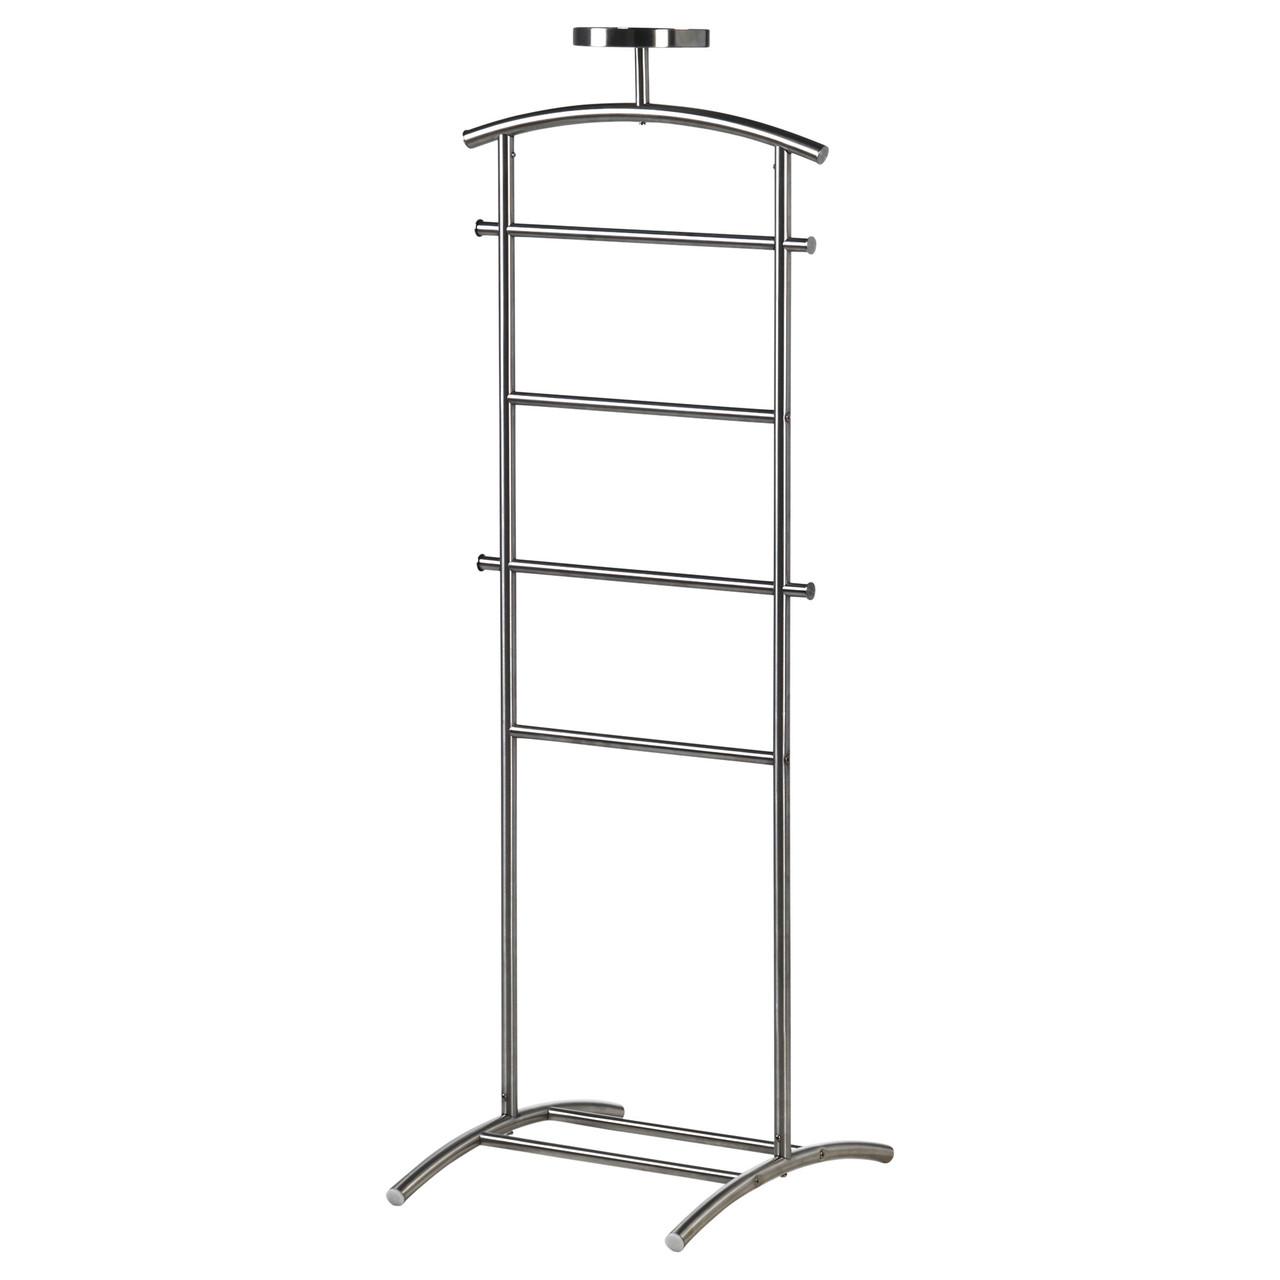 ГРУНДТАЛЬ Плечики напольные, нержавеющая сталь, 128 см 30219455 IKEA, ИКЕА, GRUNDTAL